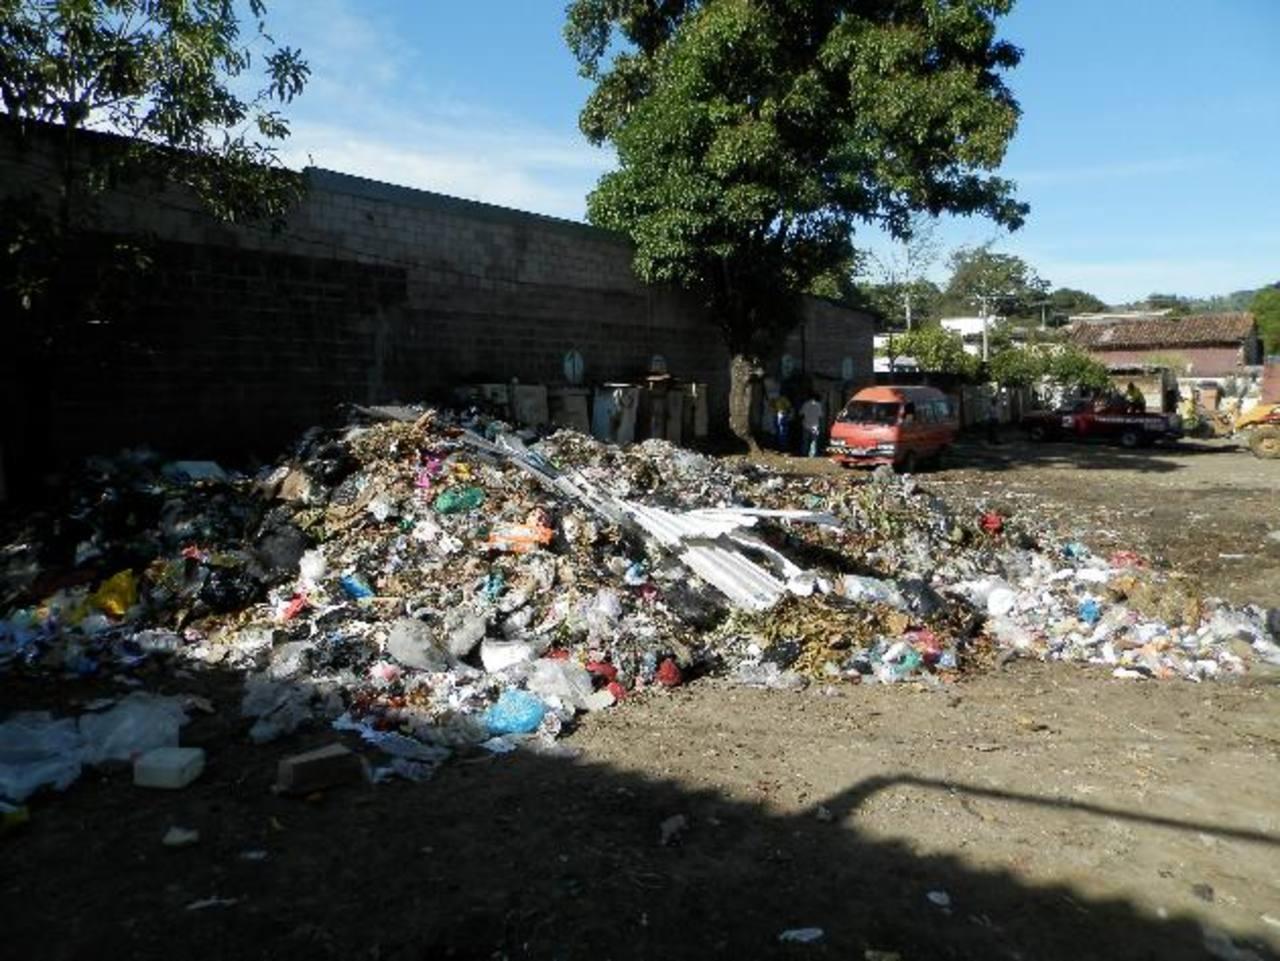 En el lugar hay de toda clase de desperdicios incluso partes de animales. Foto EDH / milton jaco